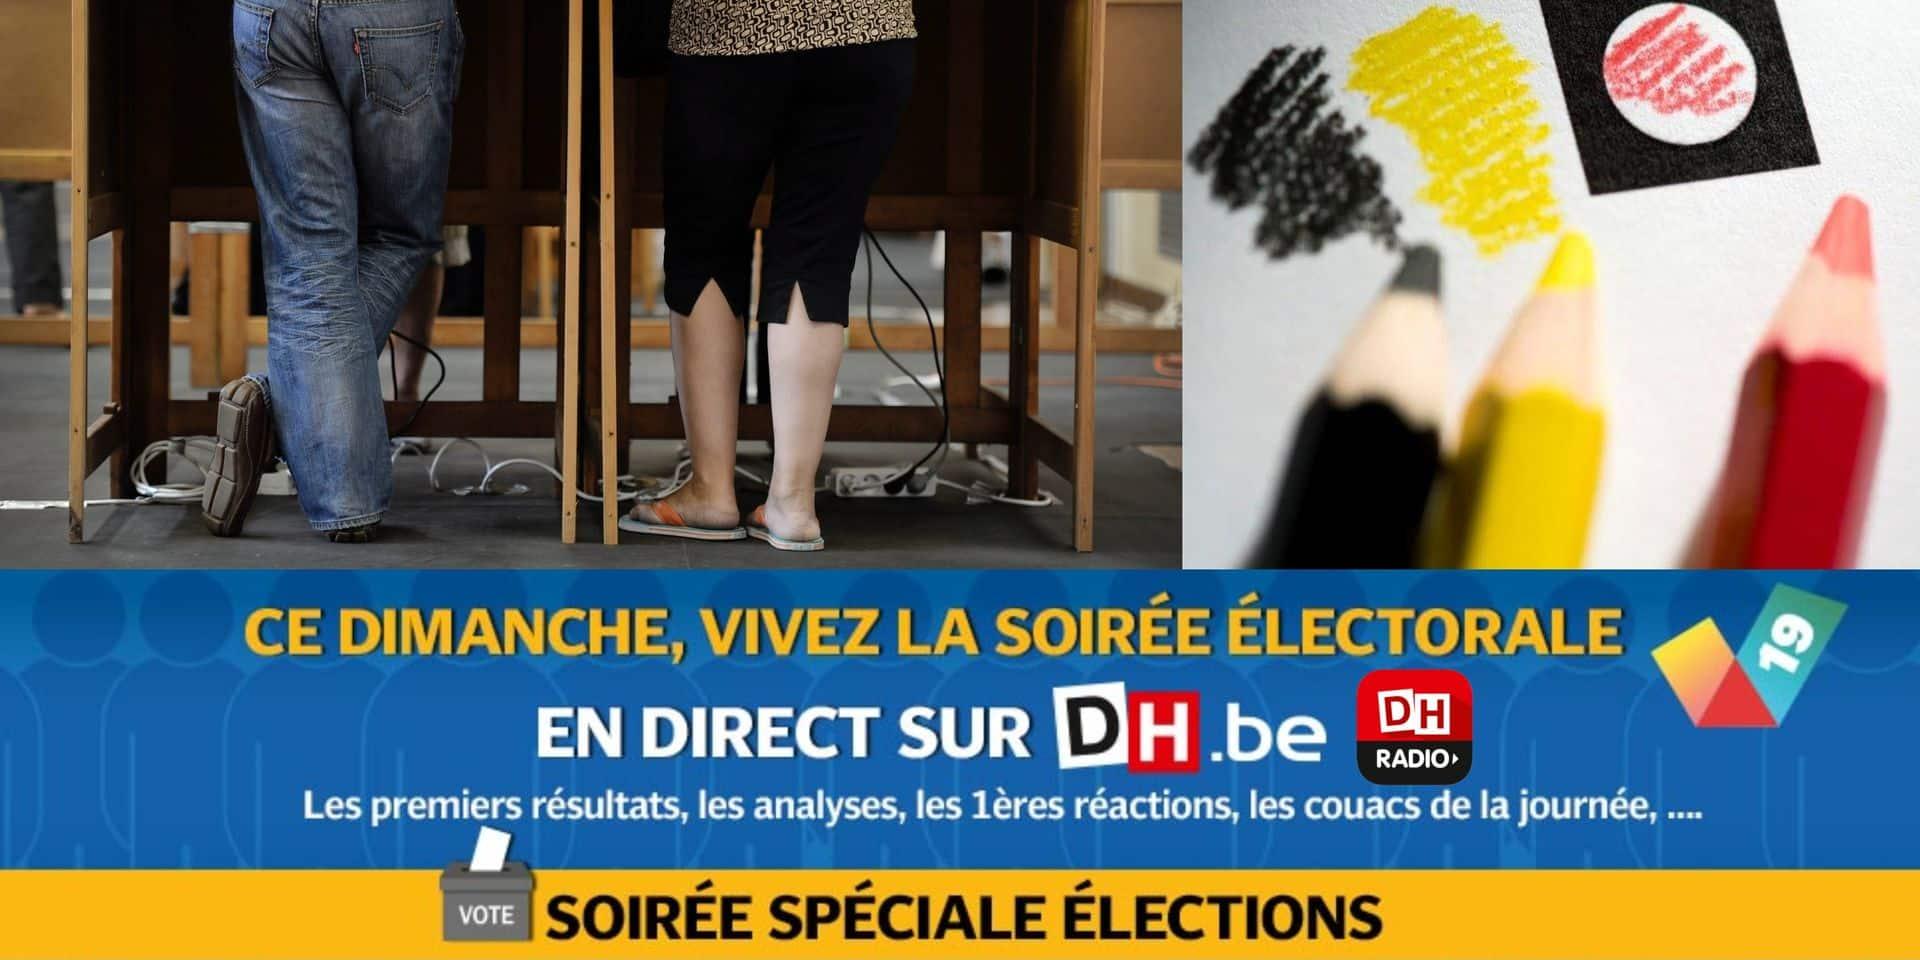 Elections 2019 : DH.be et DH Radio, mobilisés comme jamais pour vous faire vivre l'événement !